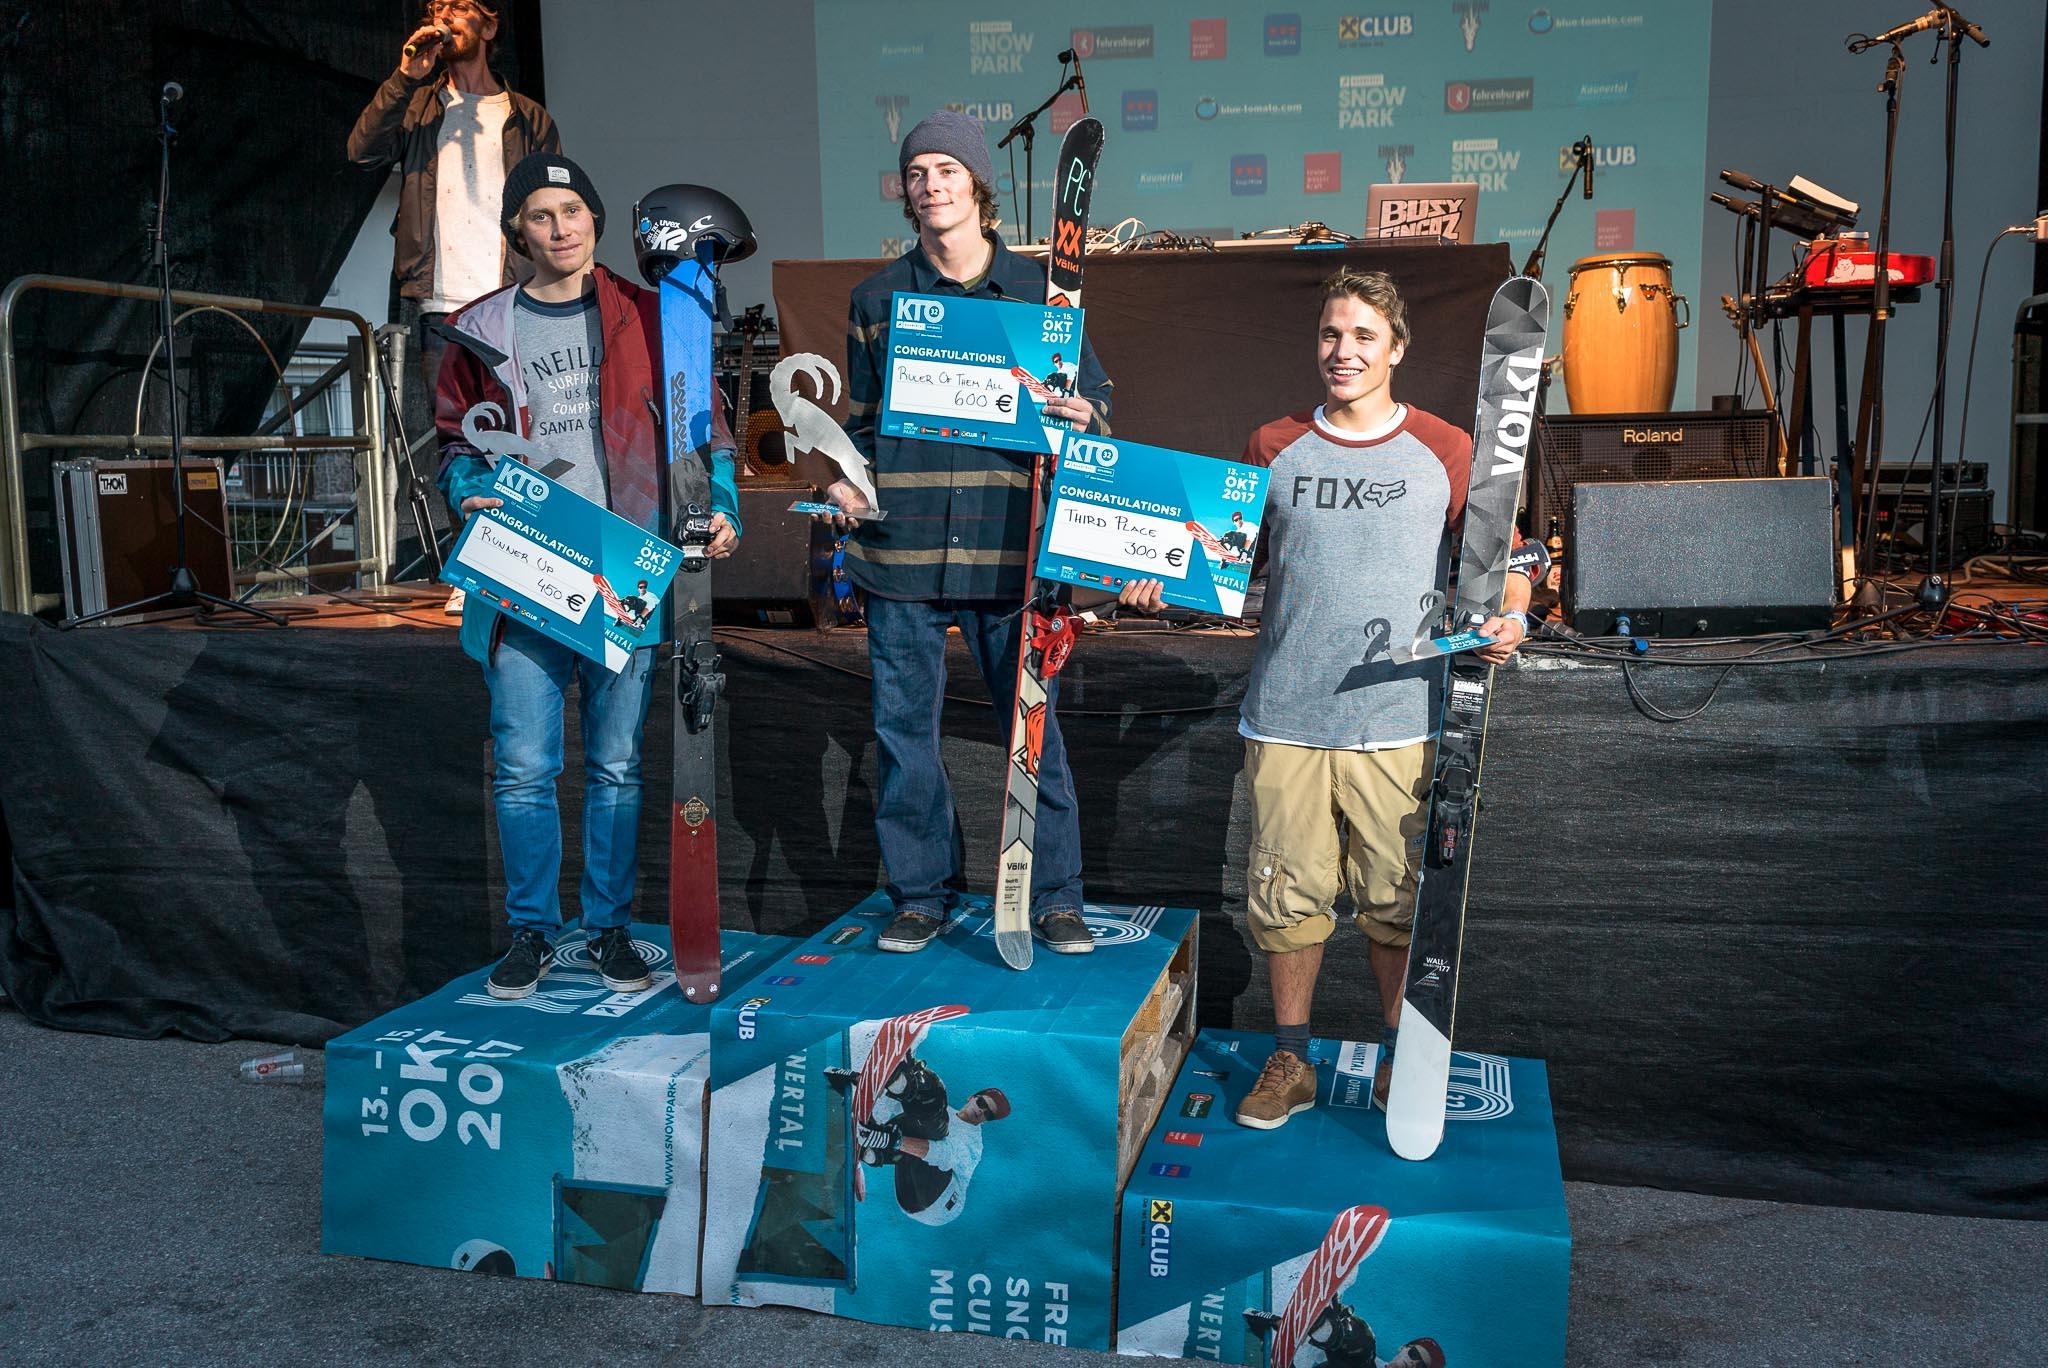 Die Top 3 Freeskier (Men) beim Kaunertal Pro Contest 2017: Tobi Müller (DE), Manuel Pleifer (AT), Michael Tschallener (AT)